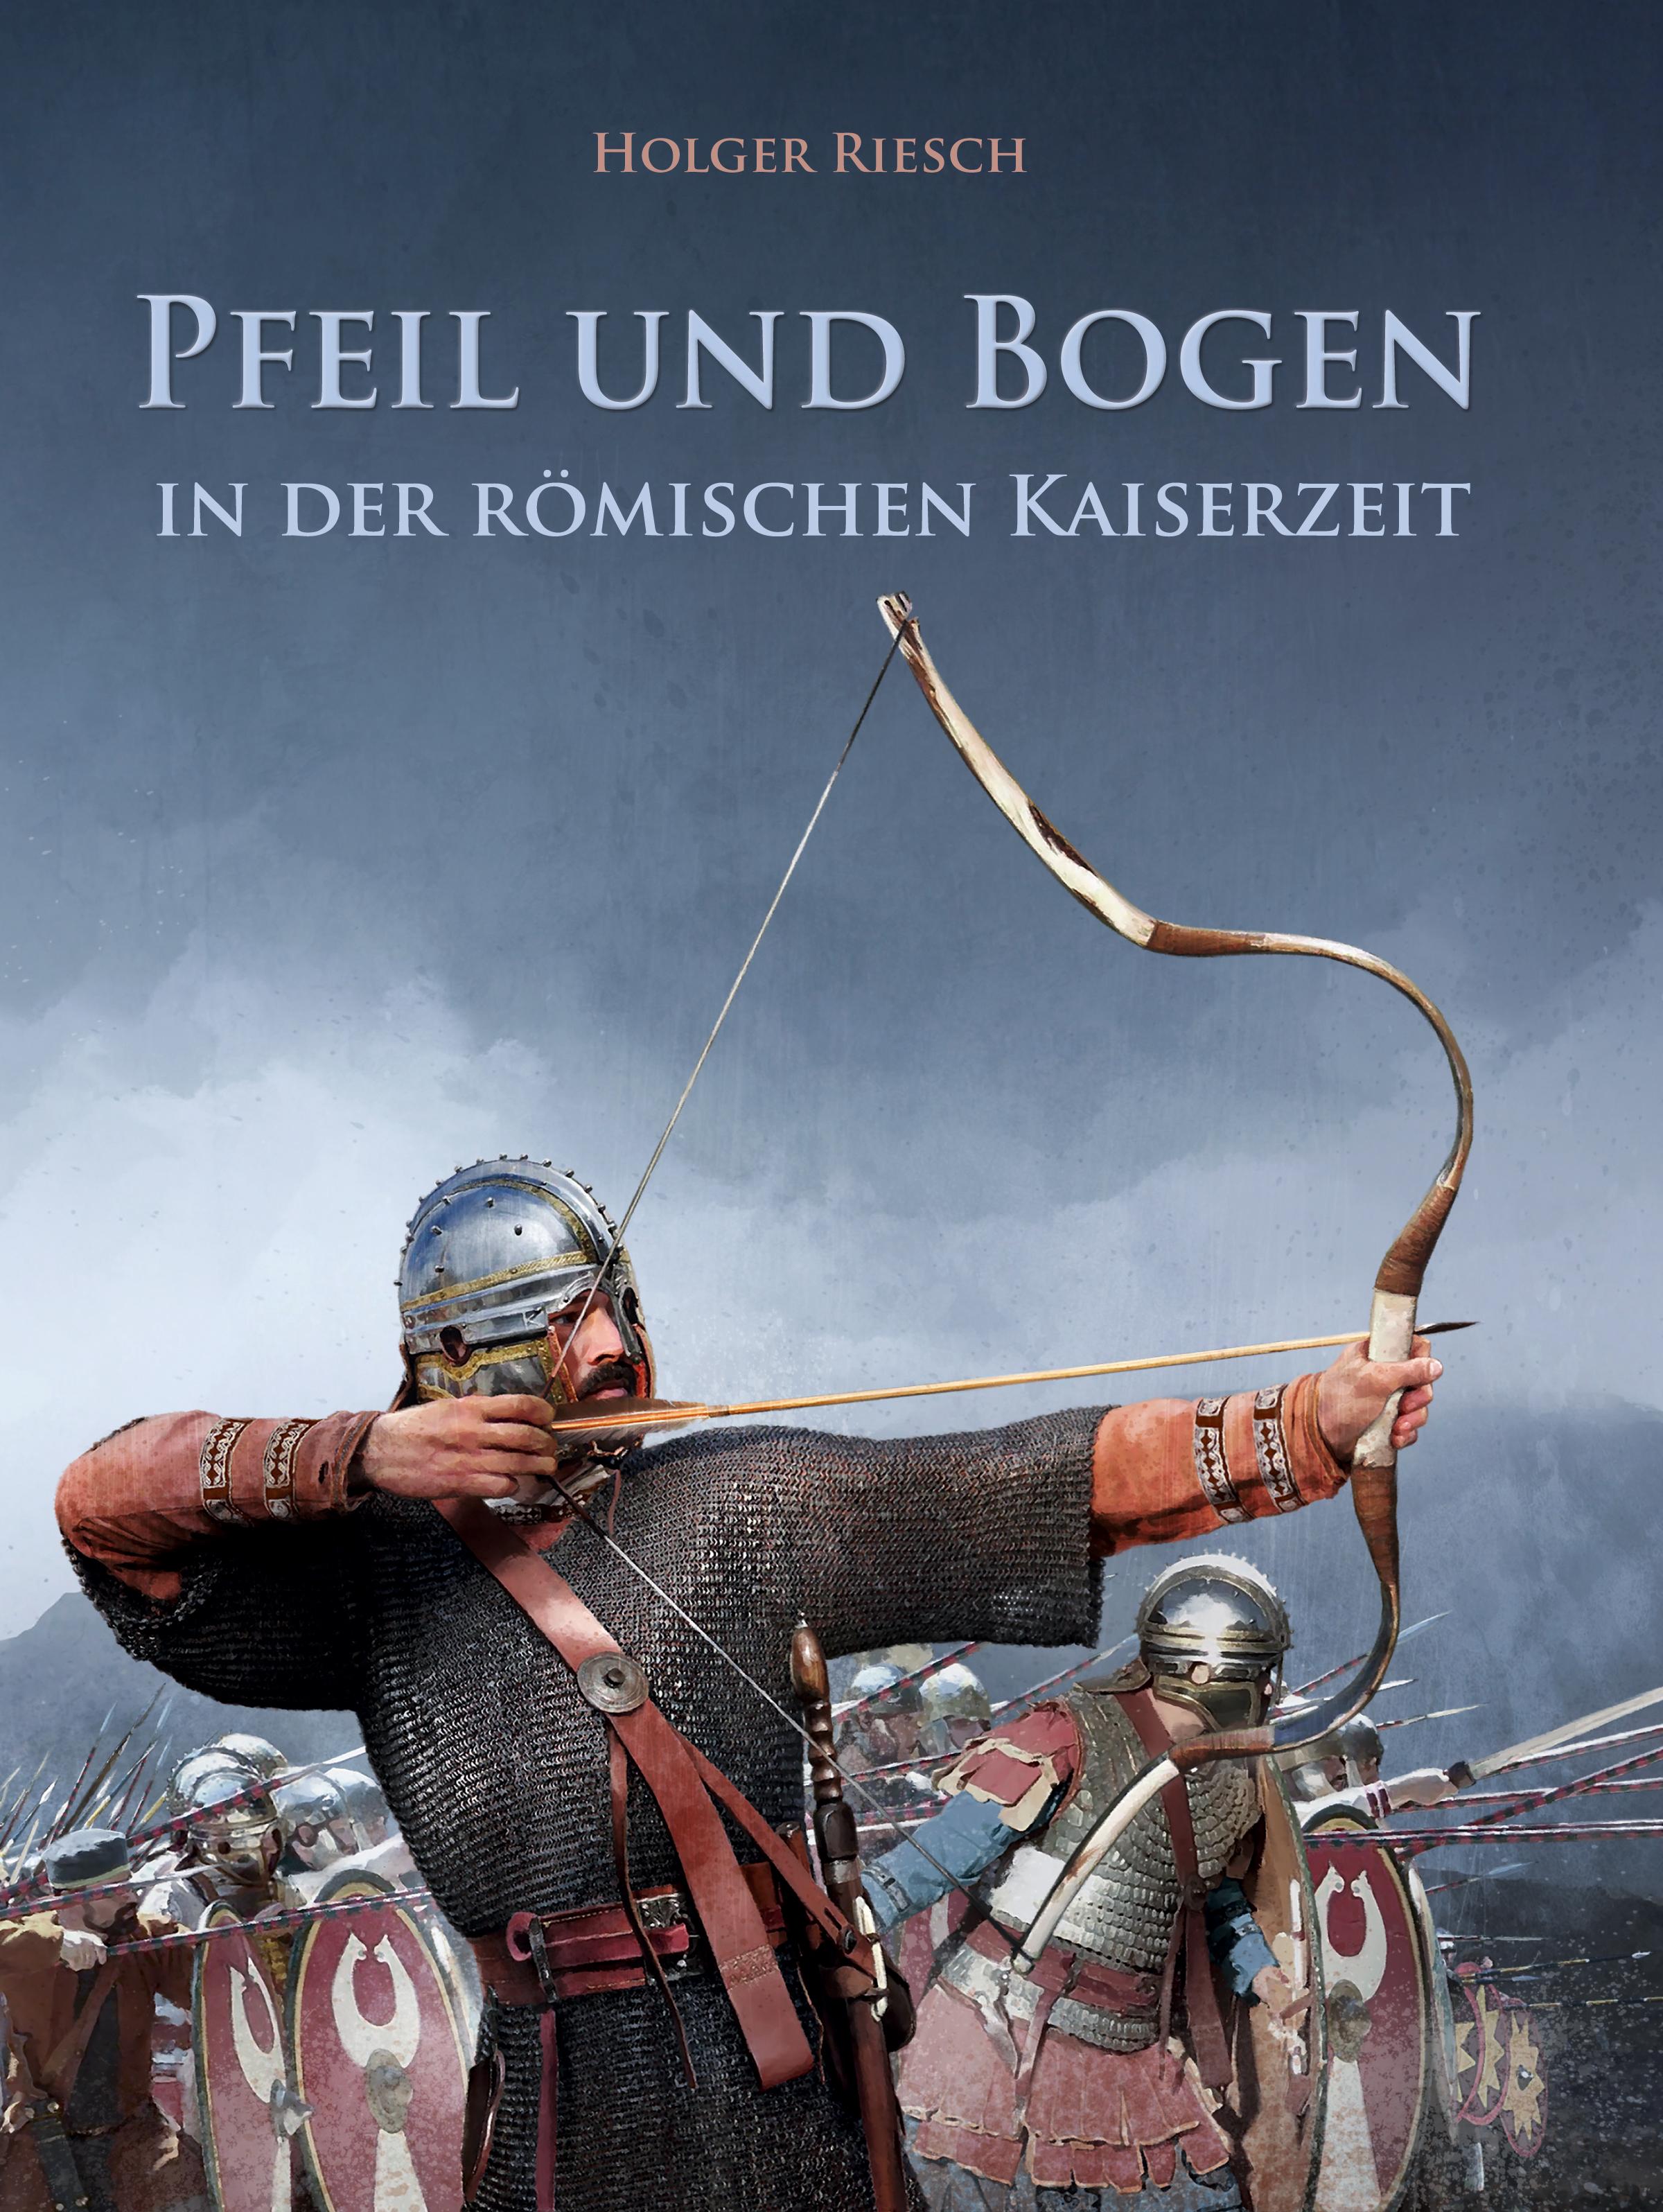 NEU-Pfeil-und-Bogen-in-der-roemischen-Kaiserzeit-Holger-Riesch-921500